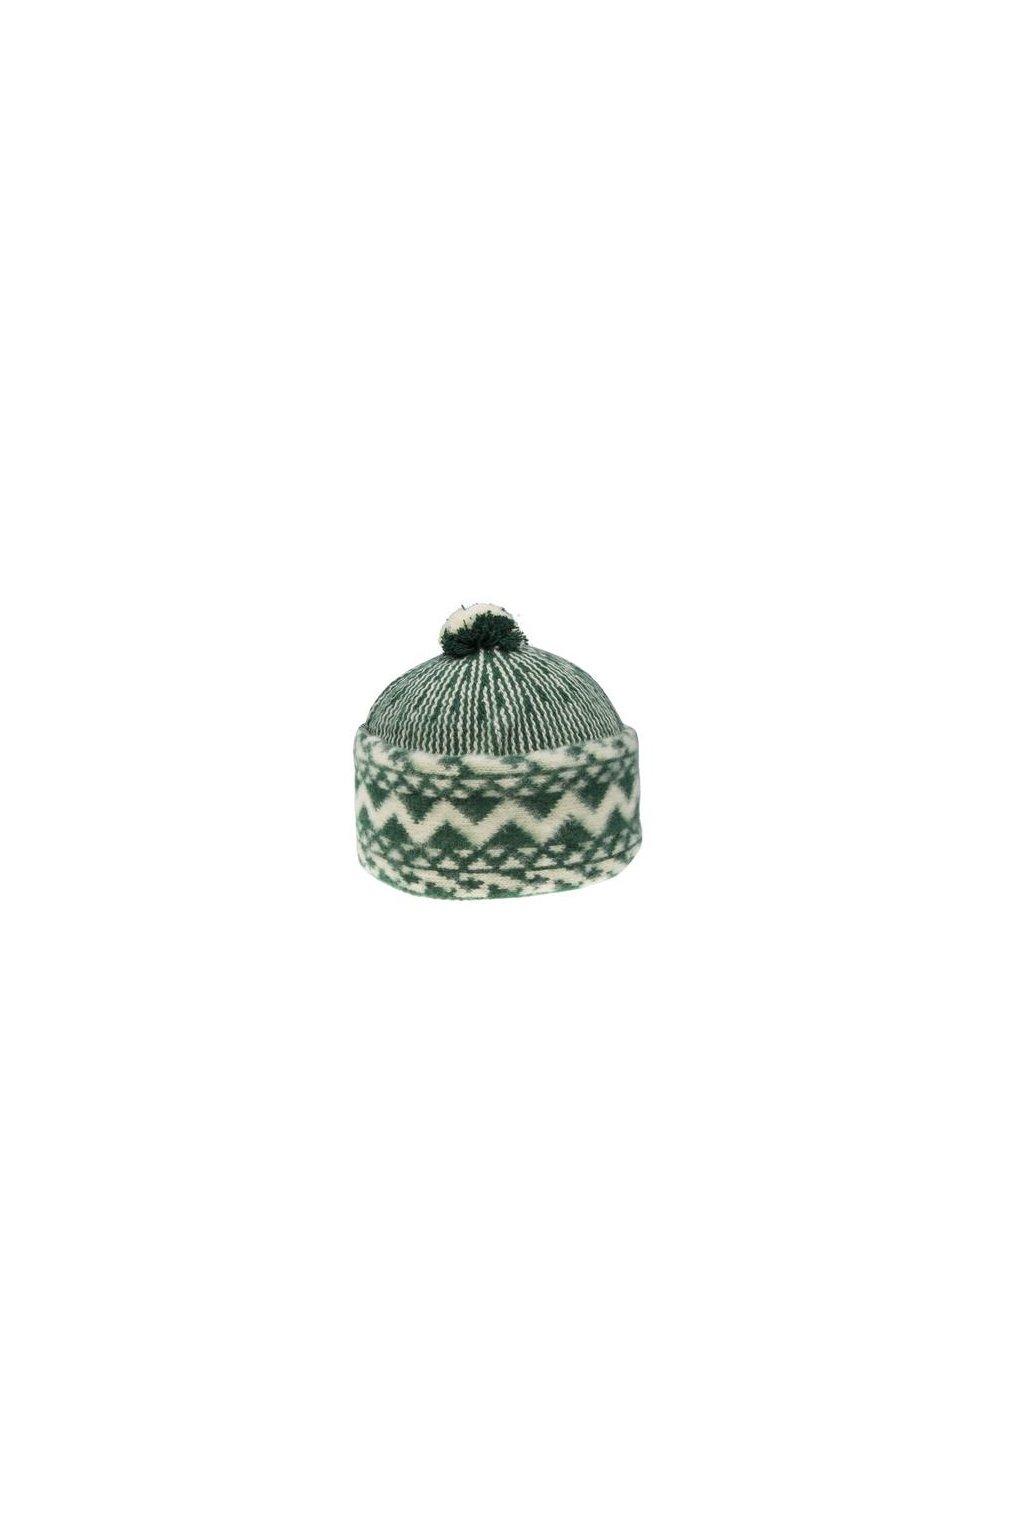 Triton 011 000001 cepice pletena vlnena zmijovka zelena